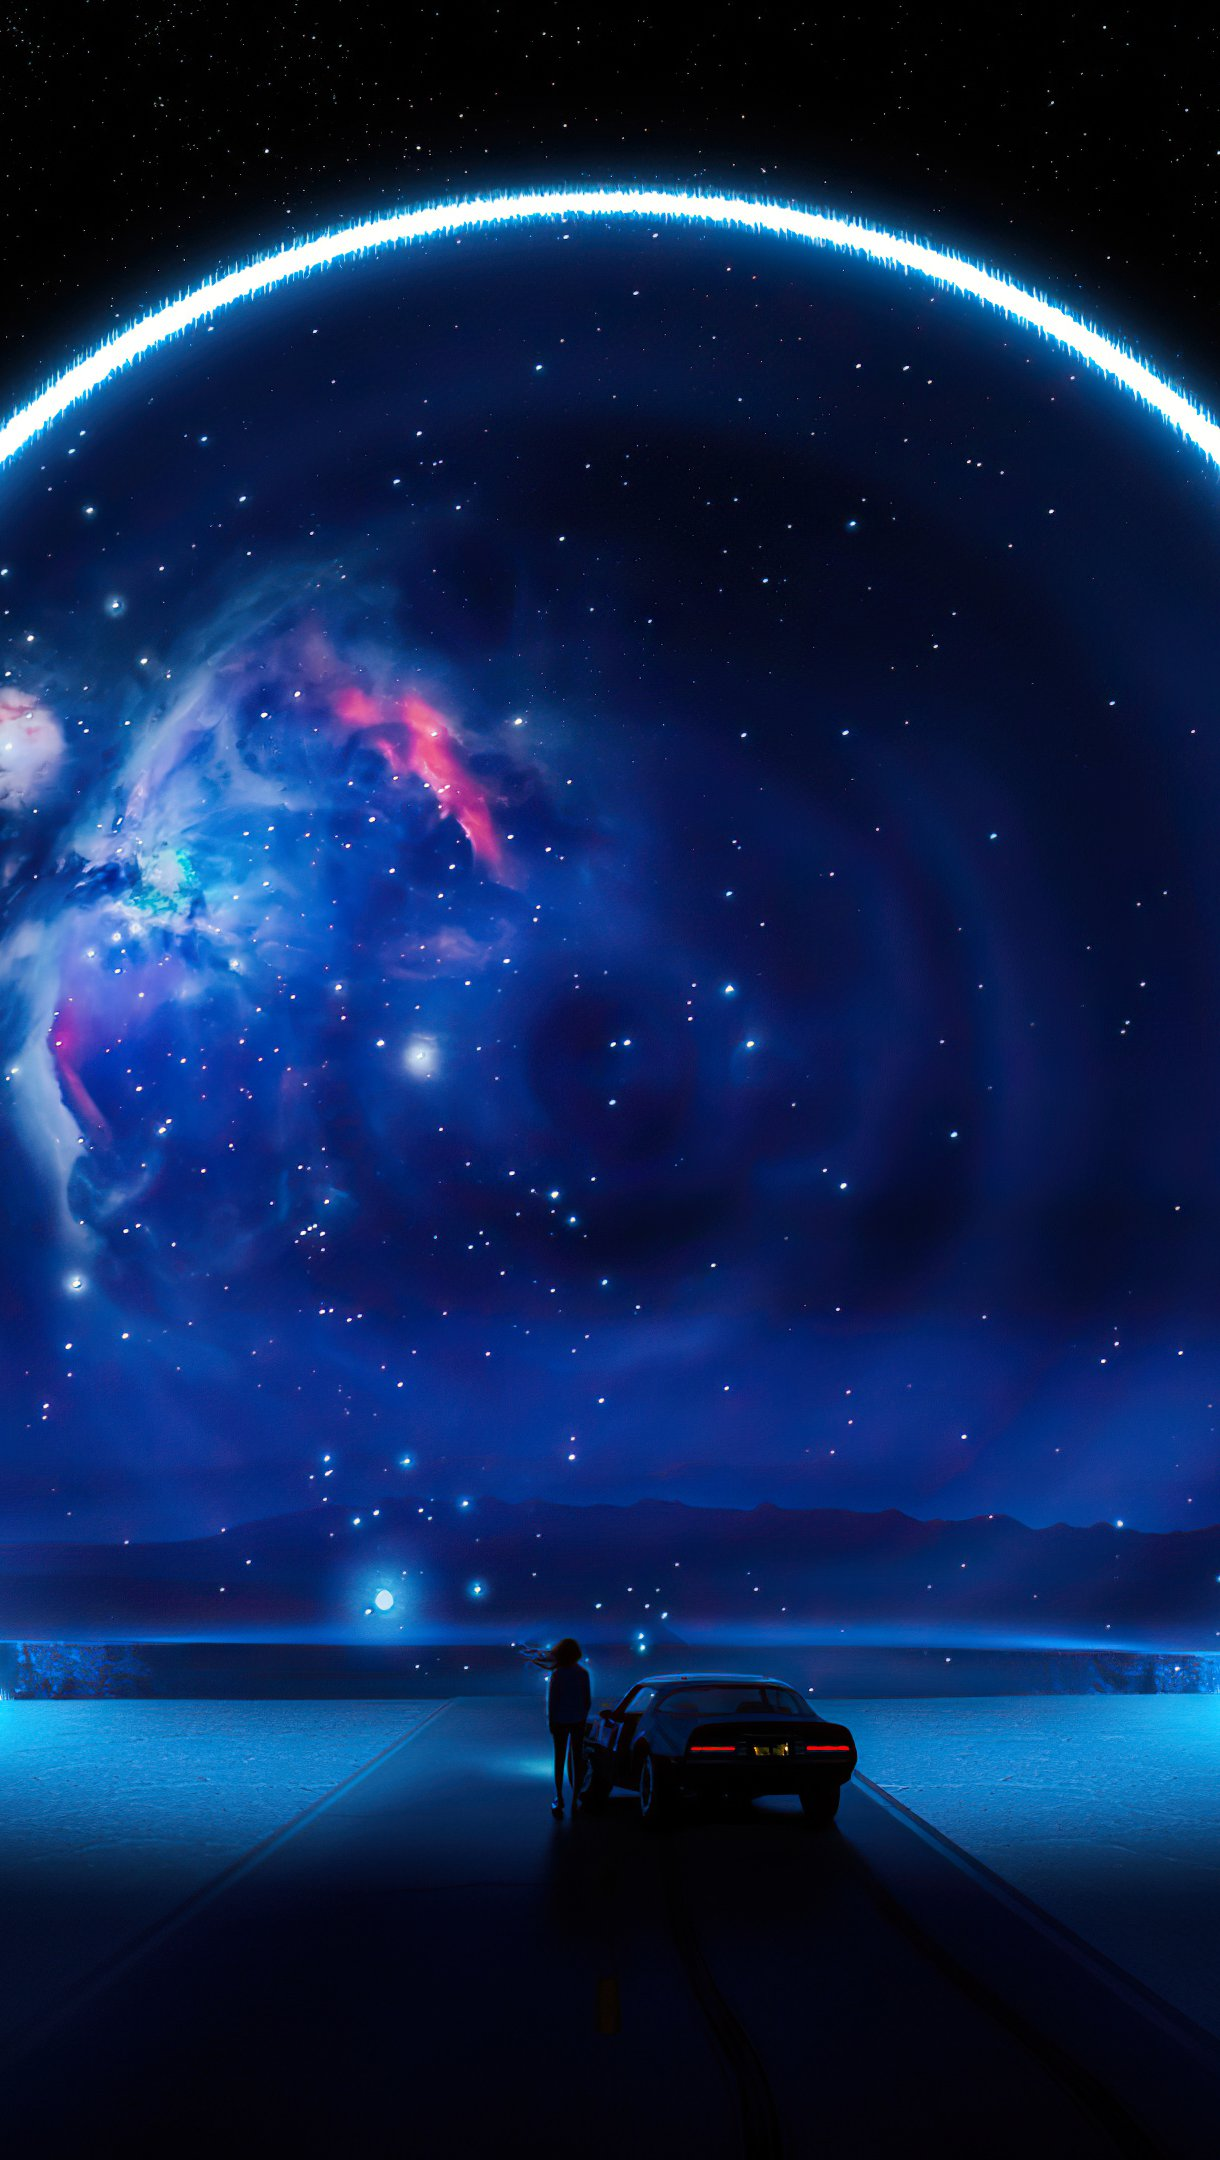 Fondos de pantalla Carretra con Aro de universo azul Vertical